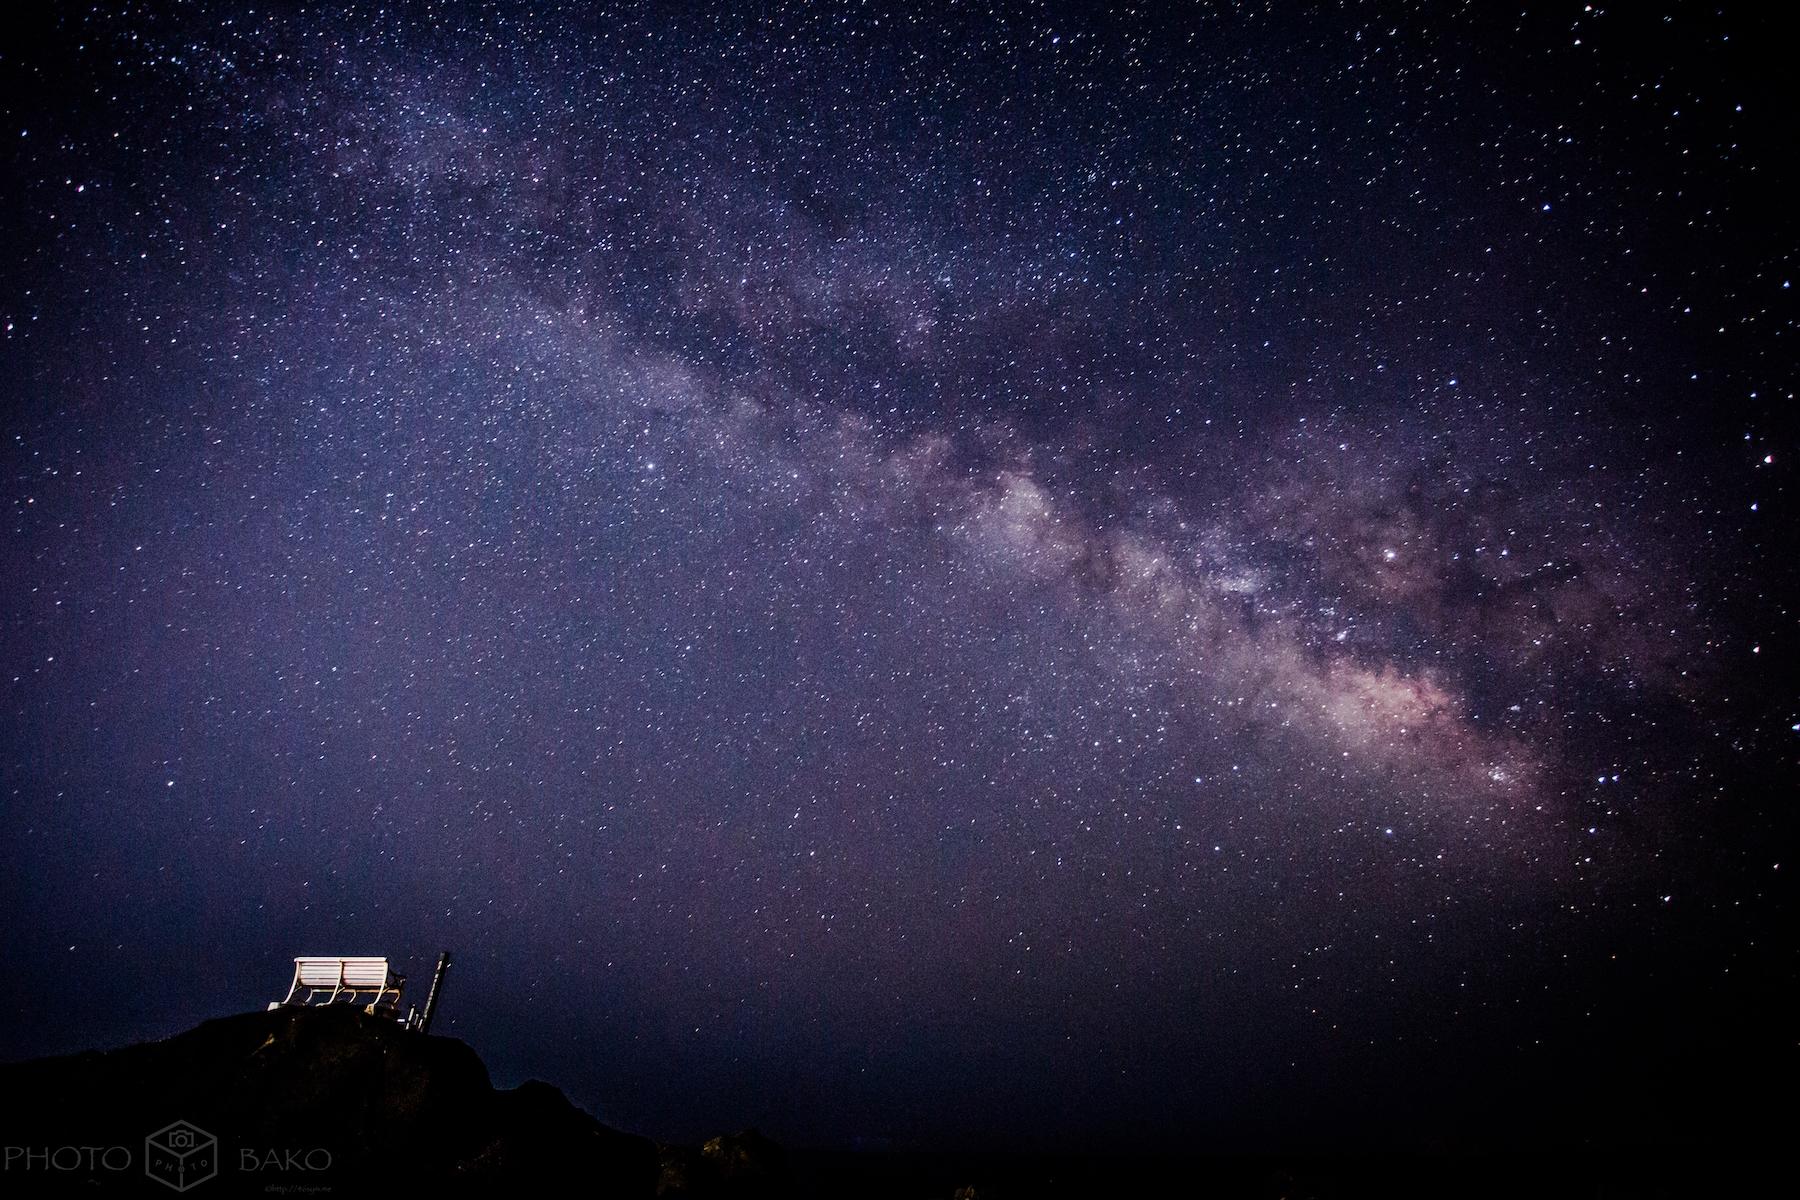 【星景撮影スポット】大勝利が約束された大地「野島崎灯台」で天の川を撮影してきたよ【千葉県最南端】